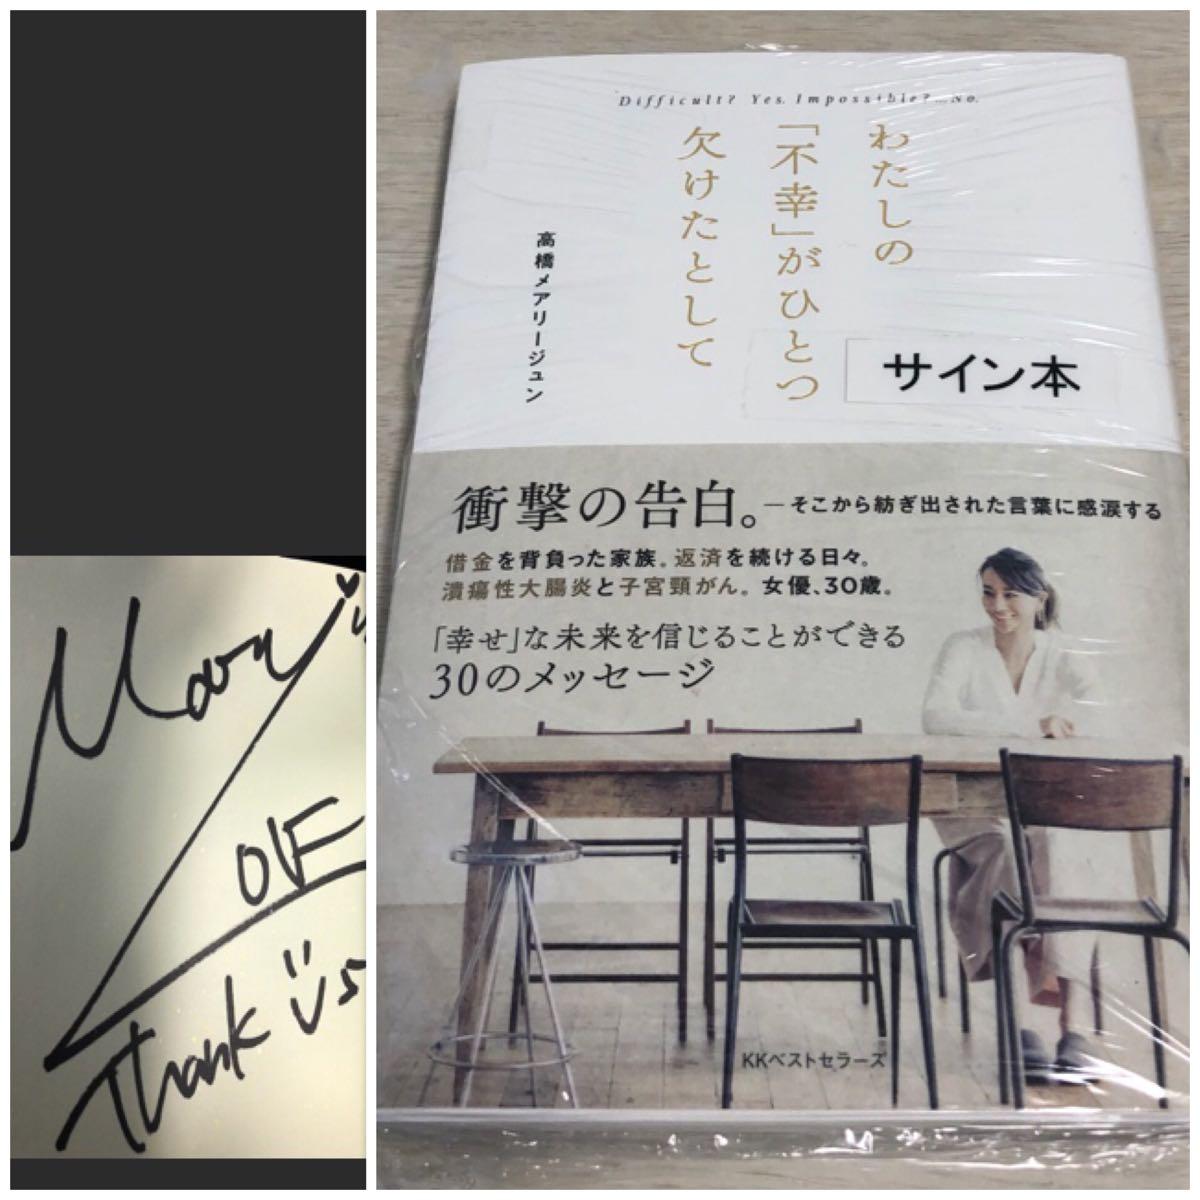 高橋メアリージュン 直筆サイン本 わたしの「不幸」がひとつ欠けたとして 新品未読